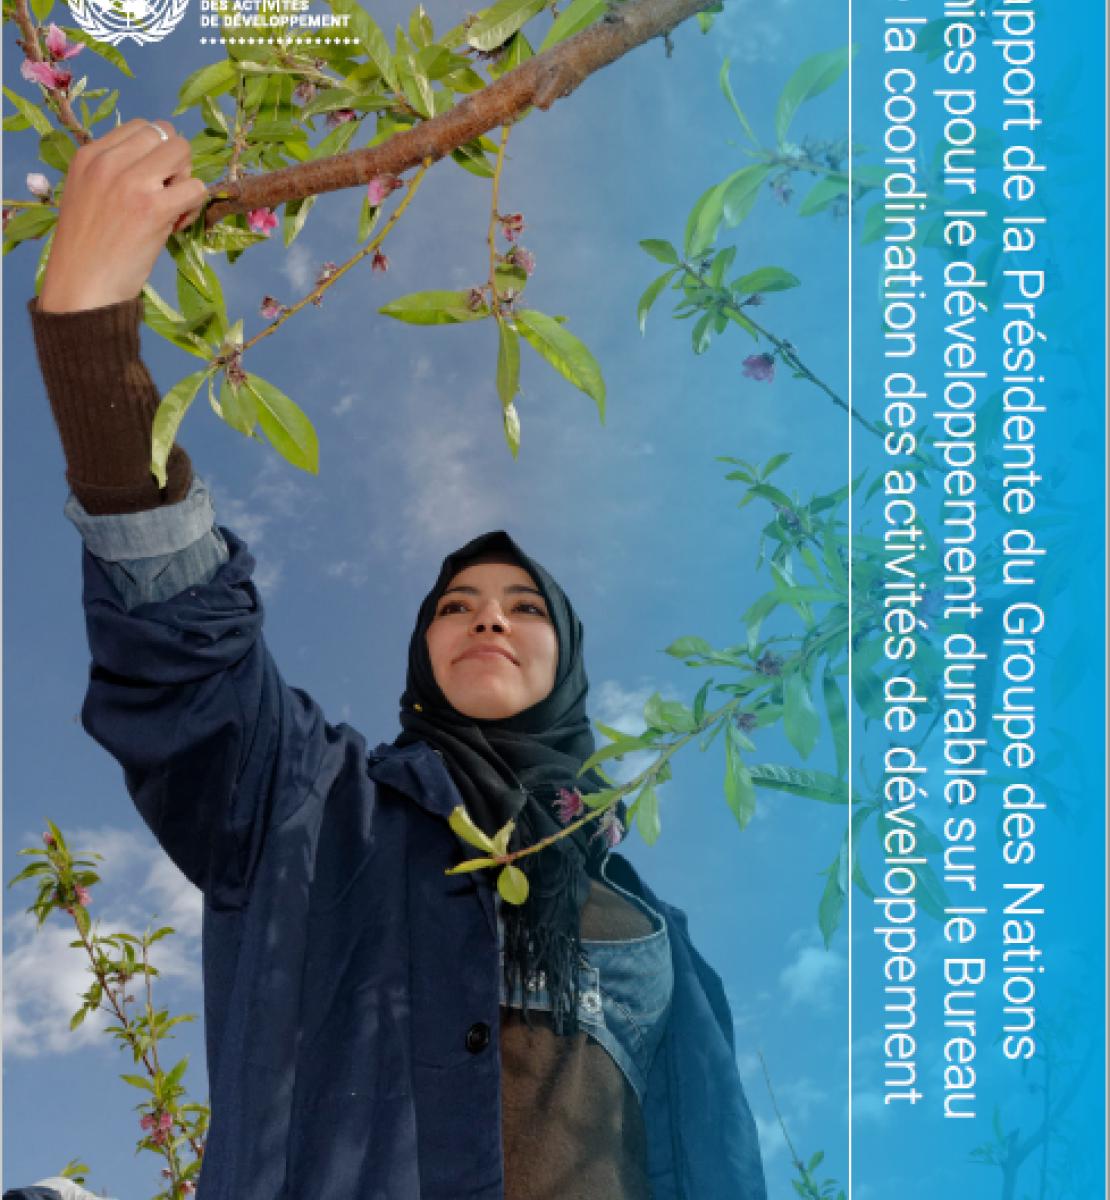 Une jeune femme tend le bras vers une branche d'arbre. Le logo du Bureau de la coordination des activités de développement apparaît en haut à gauche de la couverture et le titre du rapport de la Présidente du GNUDD est affiché verticalement sur le bord droit de la couverture.